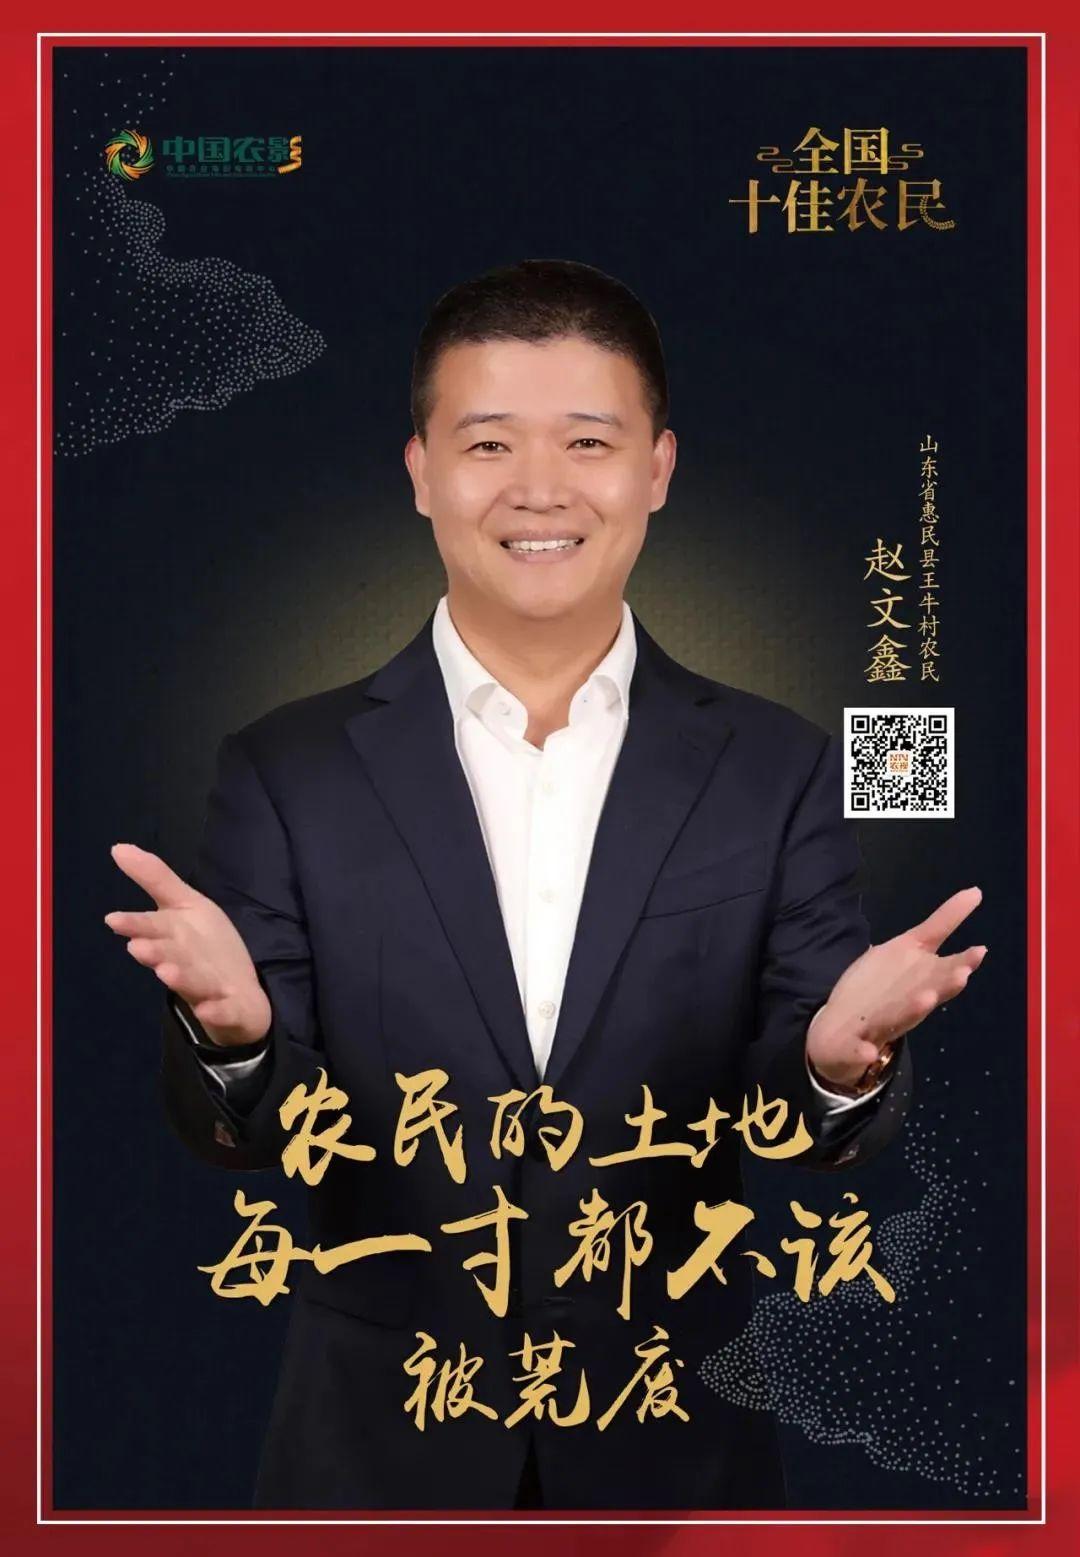 """滨州赵文鑫荣获""""全国十佳农民""""称号,登上央视新闻联播!"""